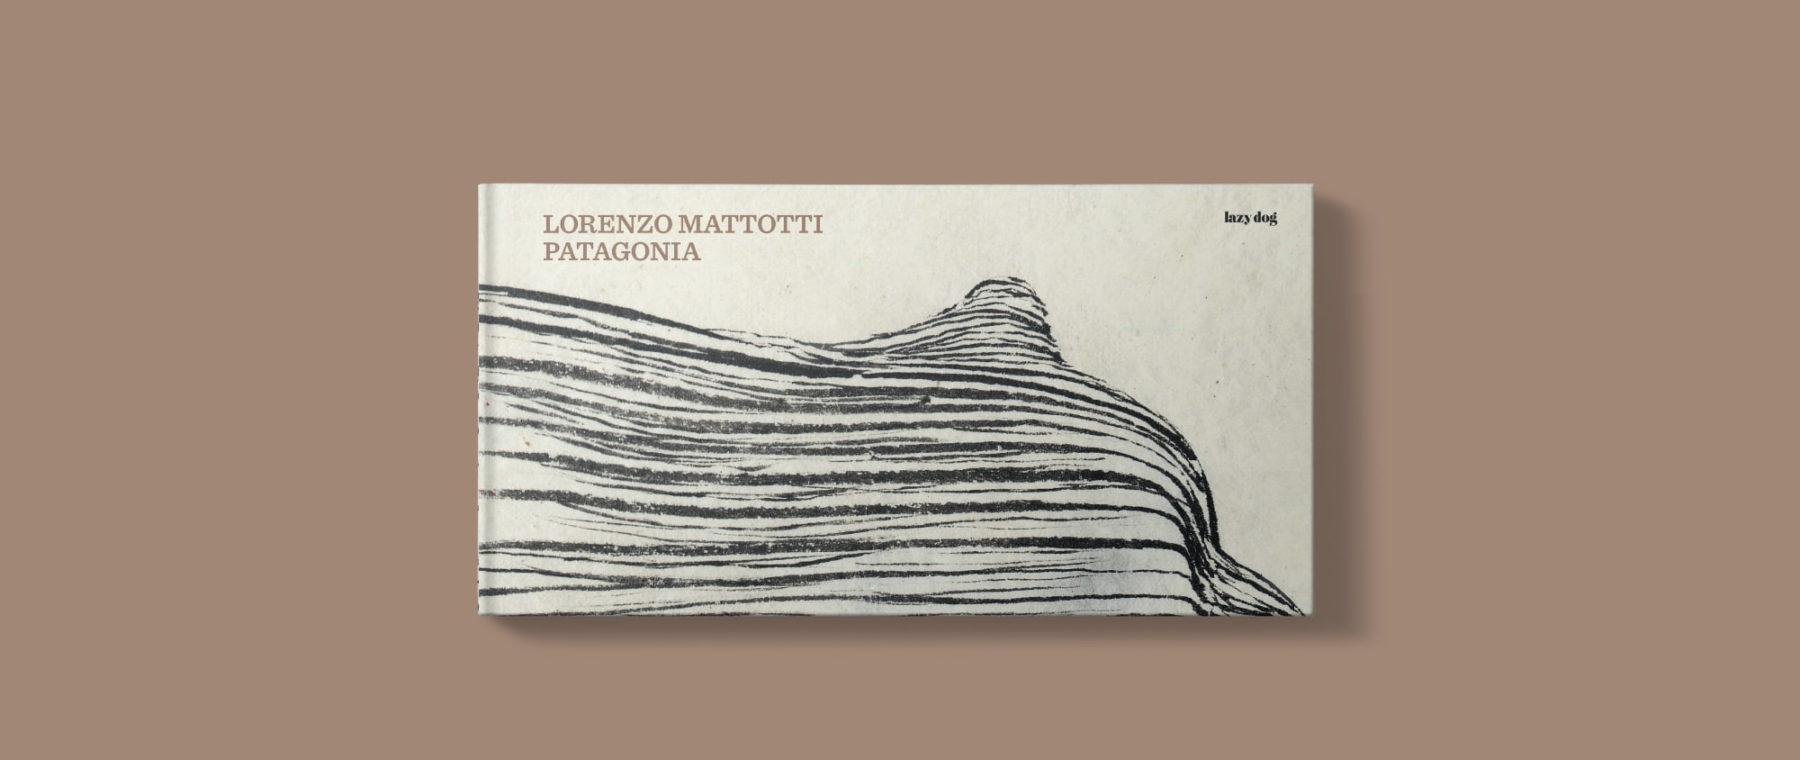 LD Patagonia MATTOTTI copertina 1